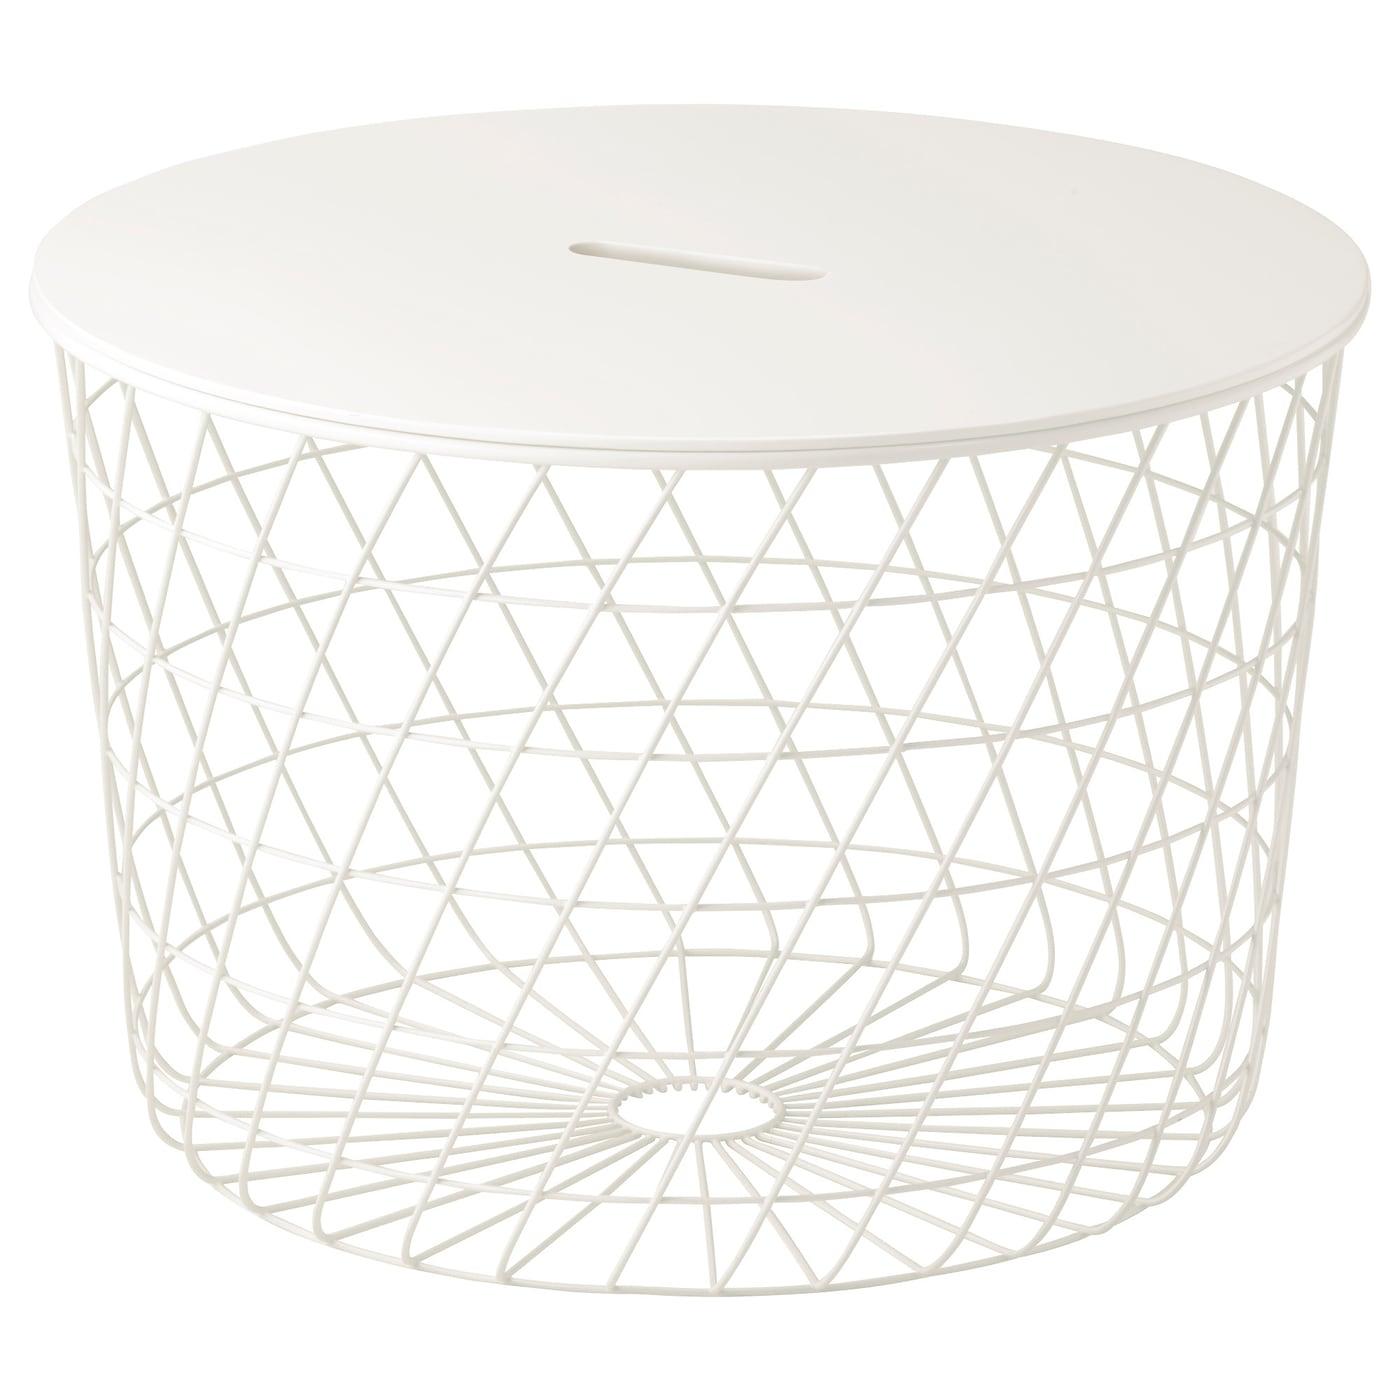 IKEA KVISTBRO biały stolik z miejscem do przechowywania, średnica 61 cm